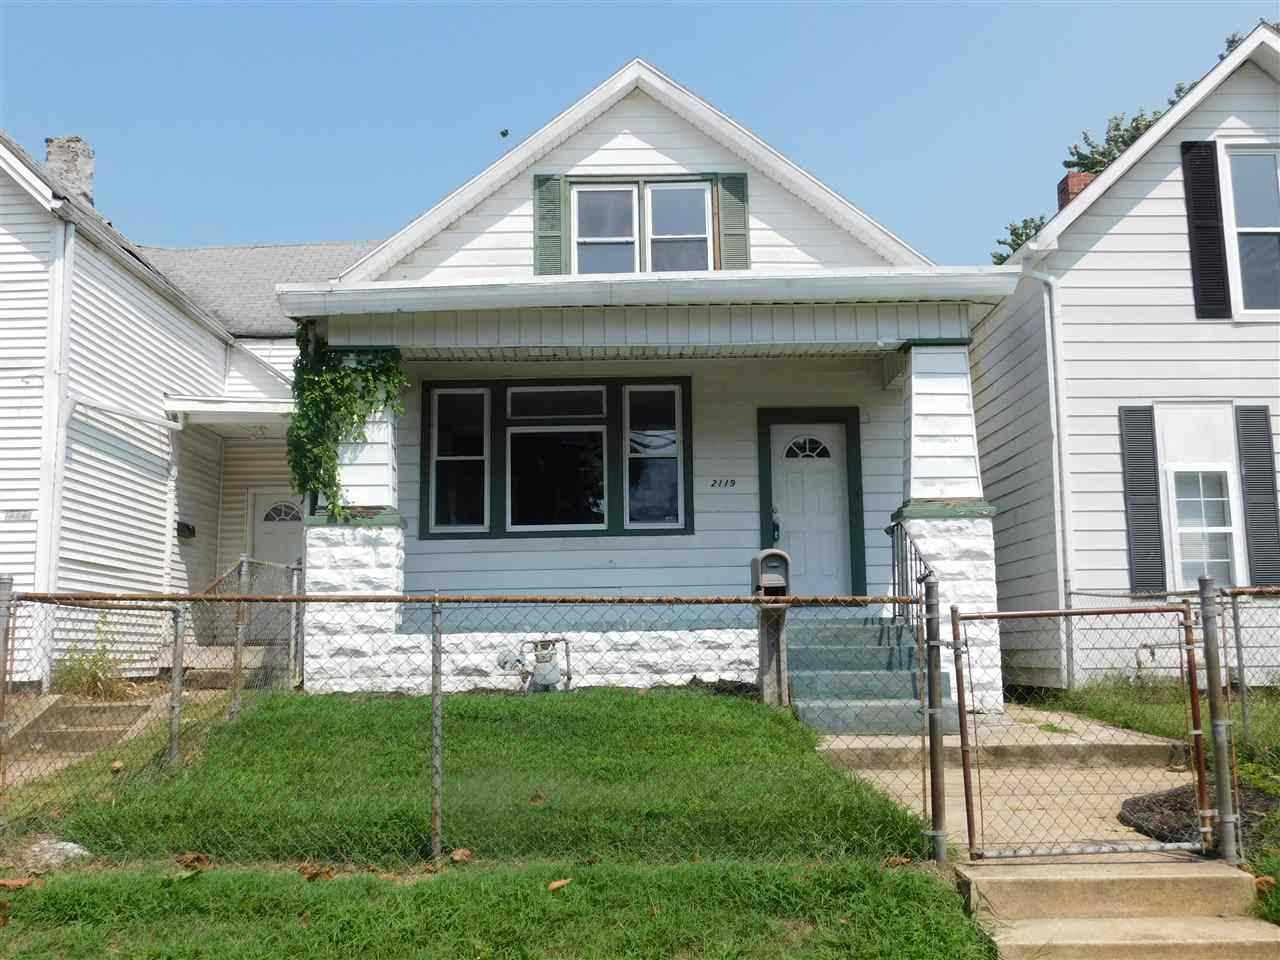 2119 W Iowa Street Evansville, IN 47712   MLS 201815415 Photo 1